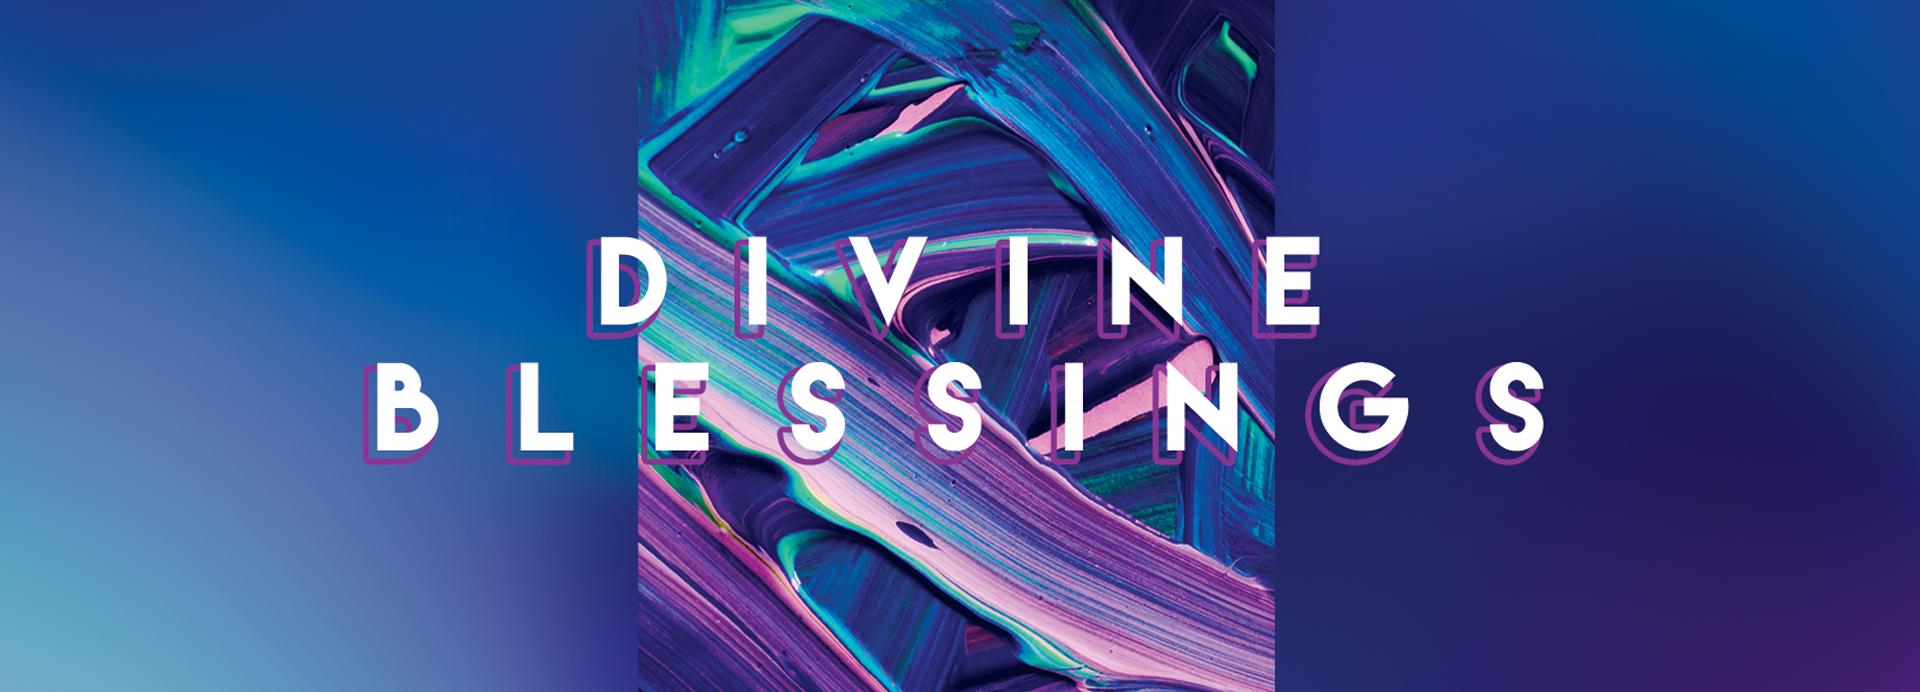 Divine Blessings banner.jpg